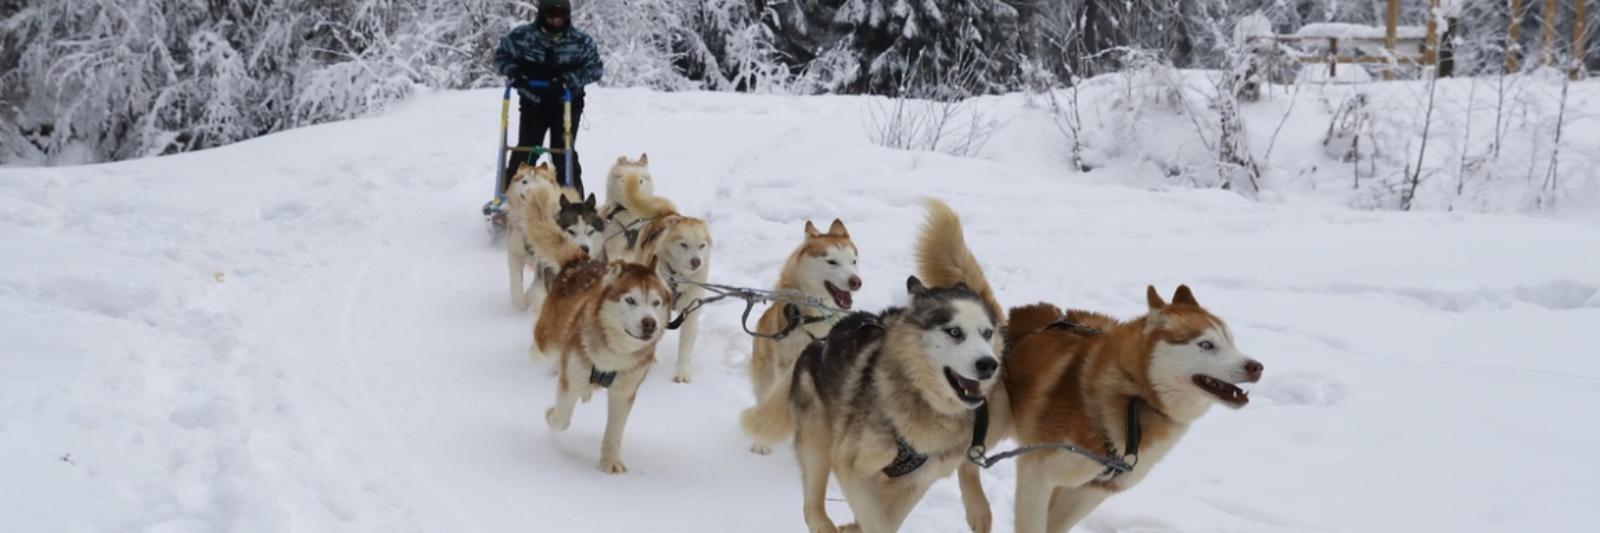 поездка на собачьих упряжках